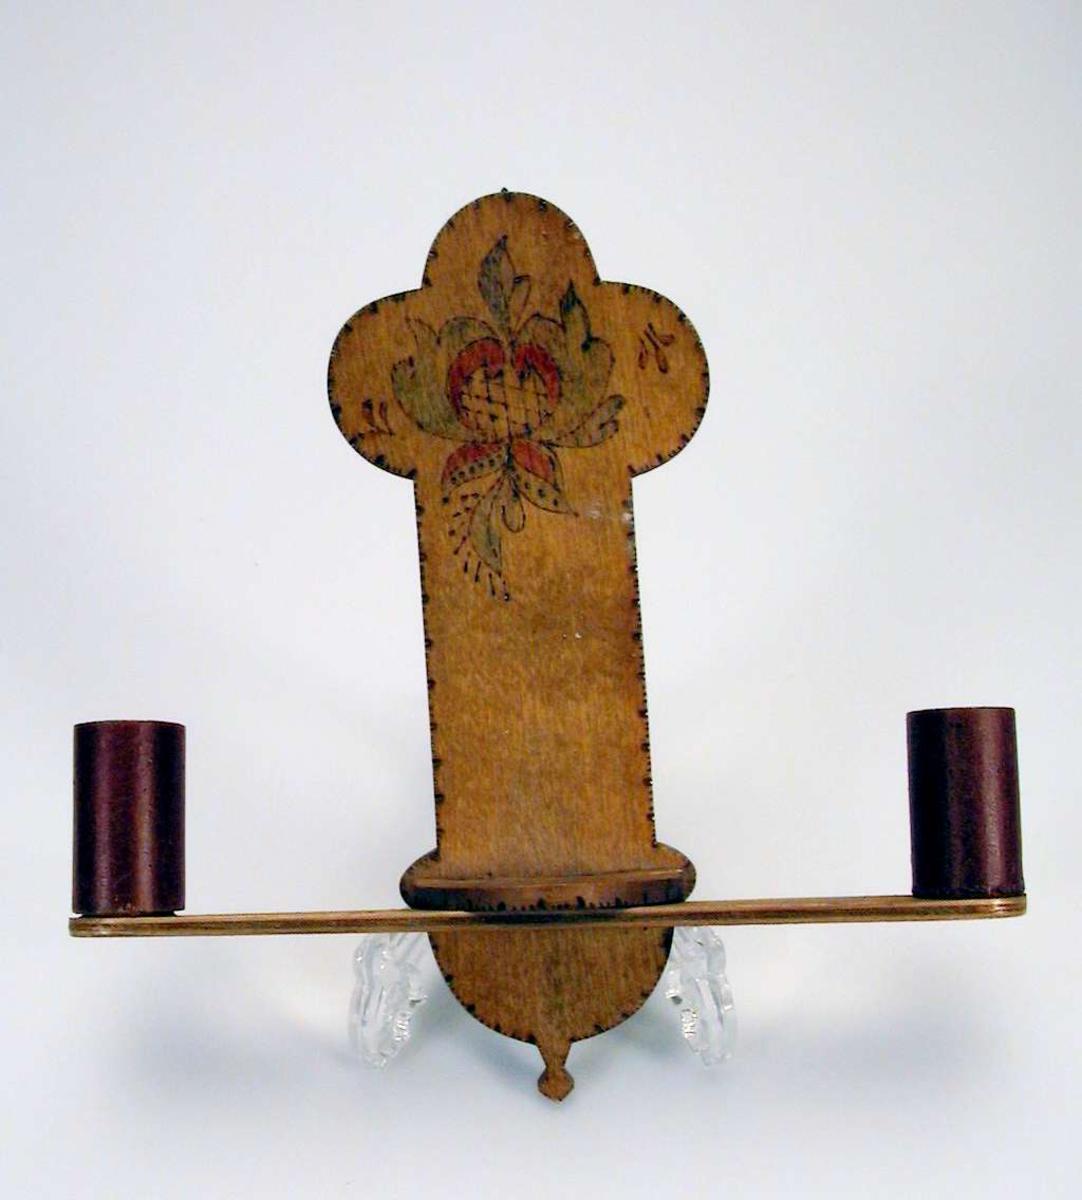 Vegglysestake i tre med to holdere for lys. Lakkert. Dekorert med svipenn og malt.